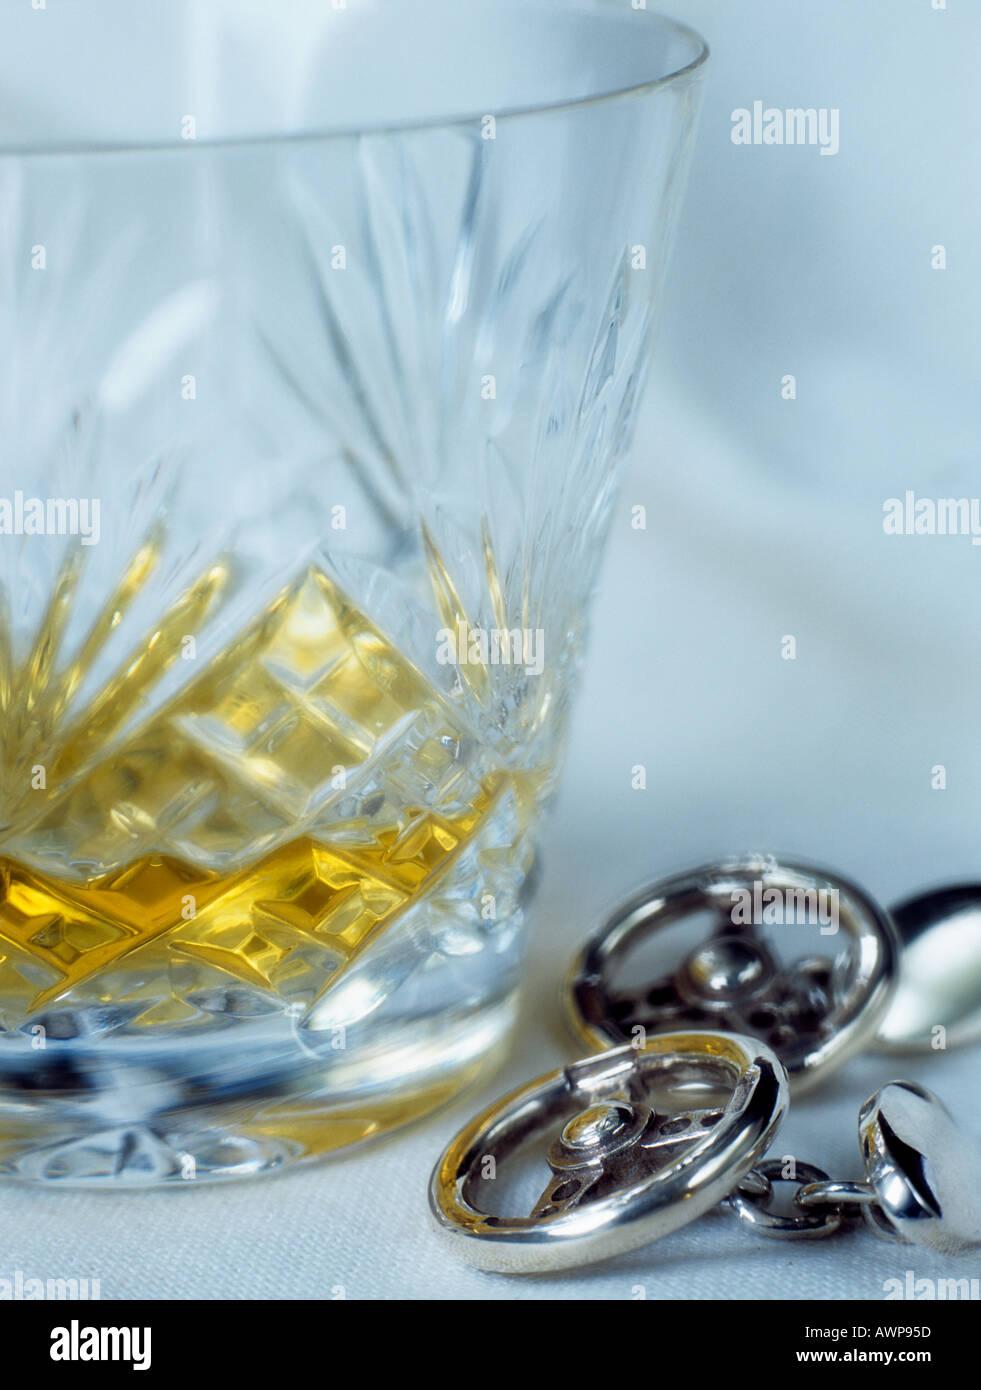 Un colpo di single malt whiskey in un cristallo tagliato whisky un bicchiere di vetro accanto all uomo volante gemelli Immagini Stock